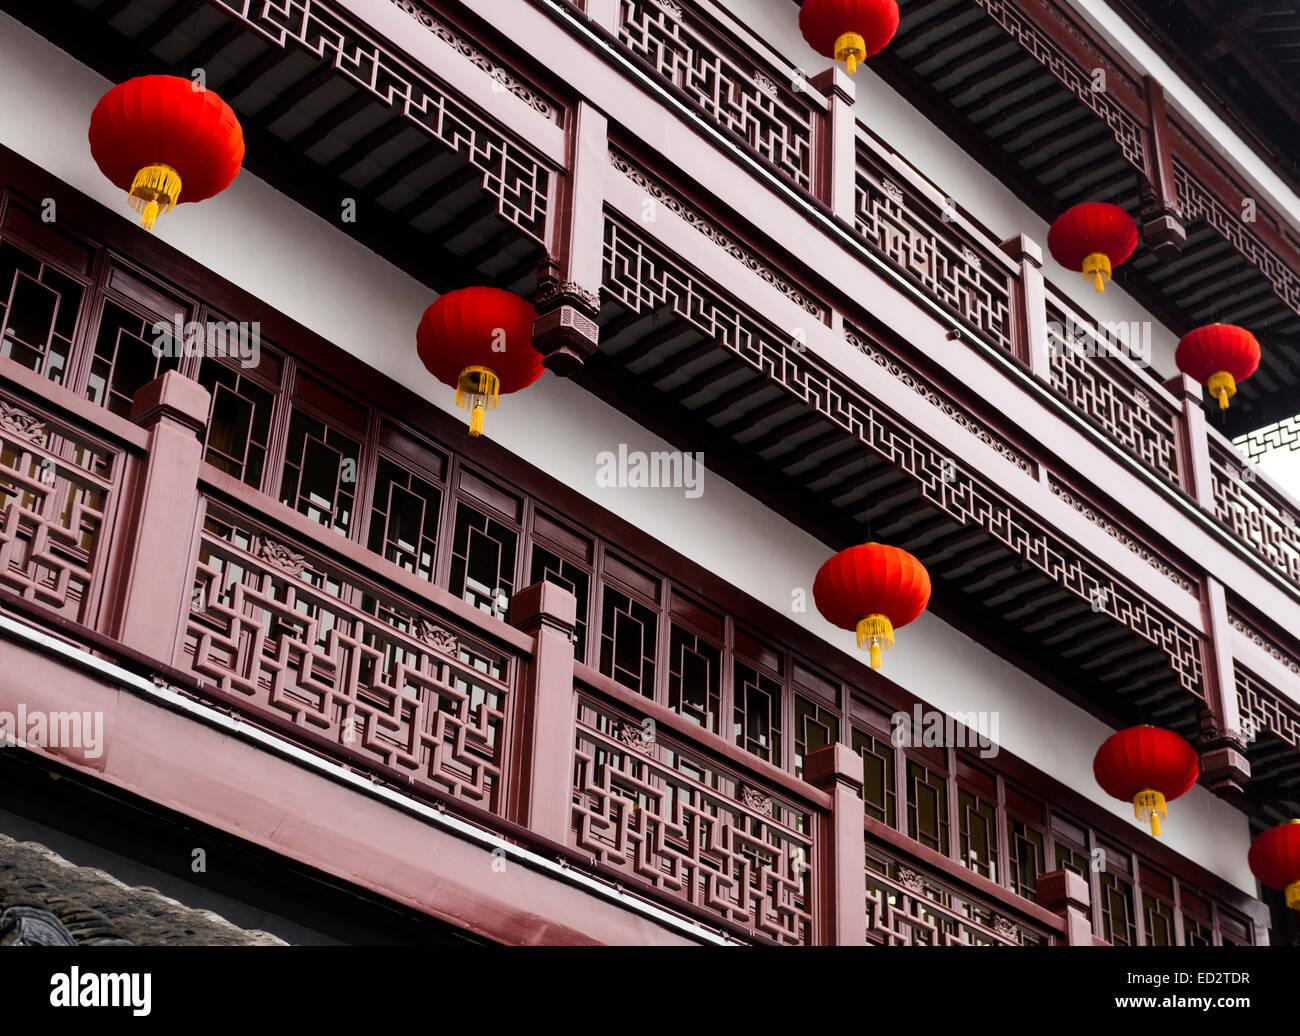 Les lanternes rouges et les détails de l'architecture traditionnelle de la vieille ville de Shanghai, Chine Photo Stock